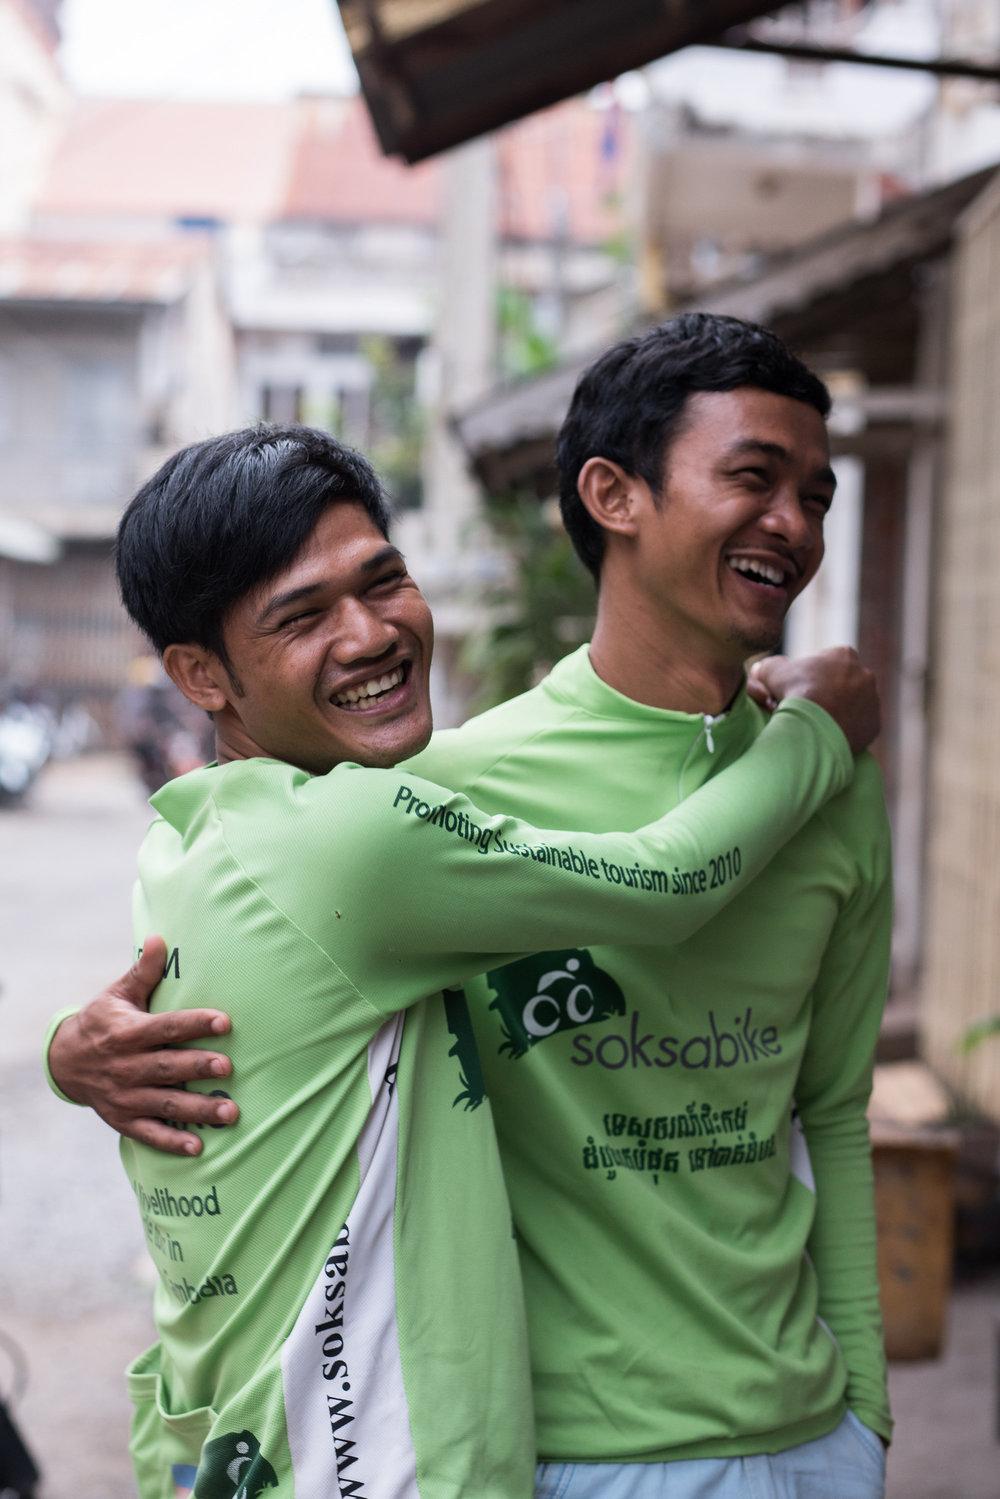 Saram and Chumno